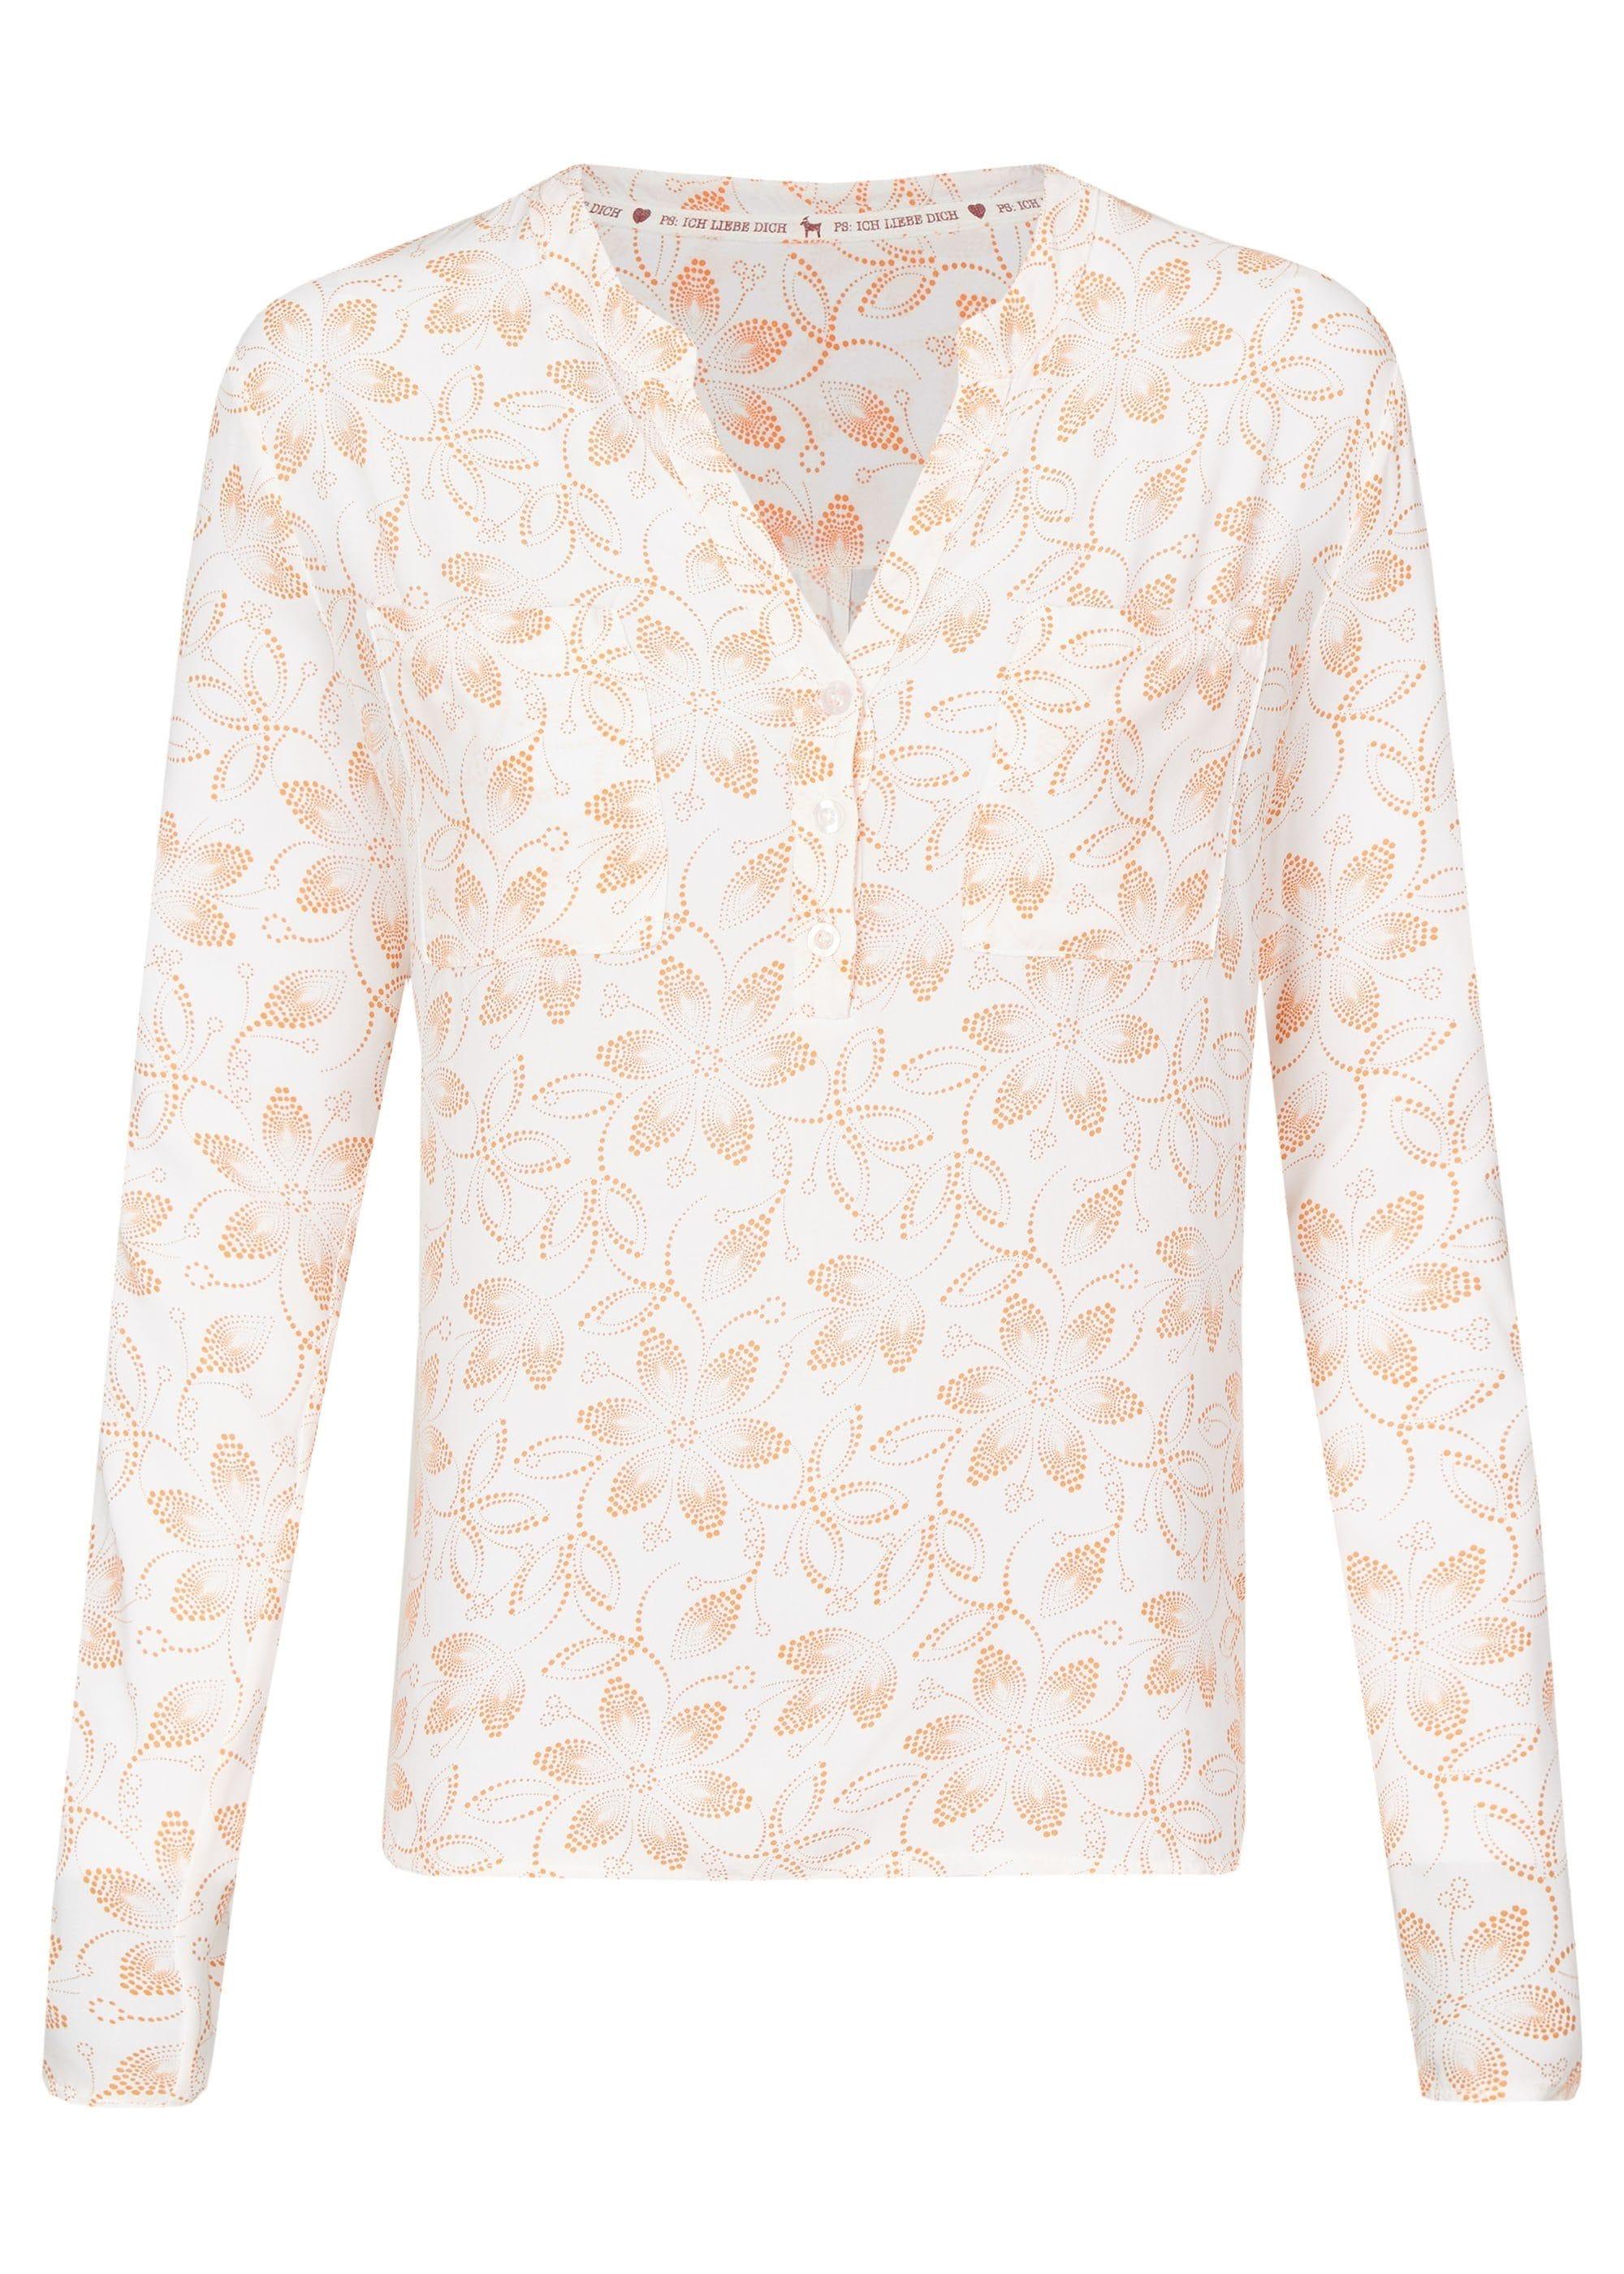 Heimatliebe Bluse mit Serafino-Kragen in Blumendruck